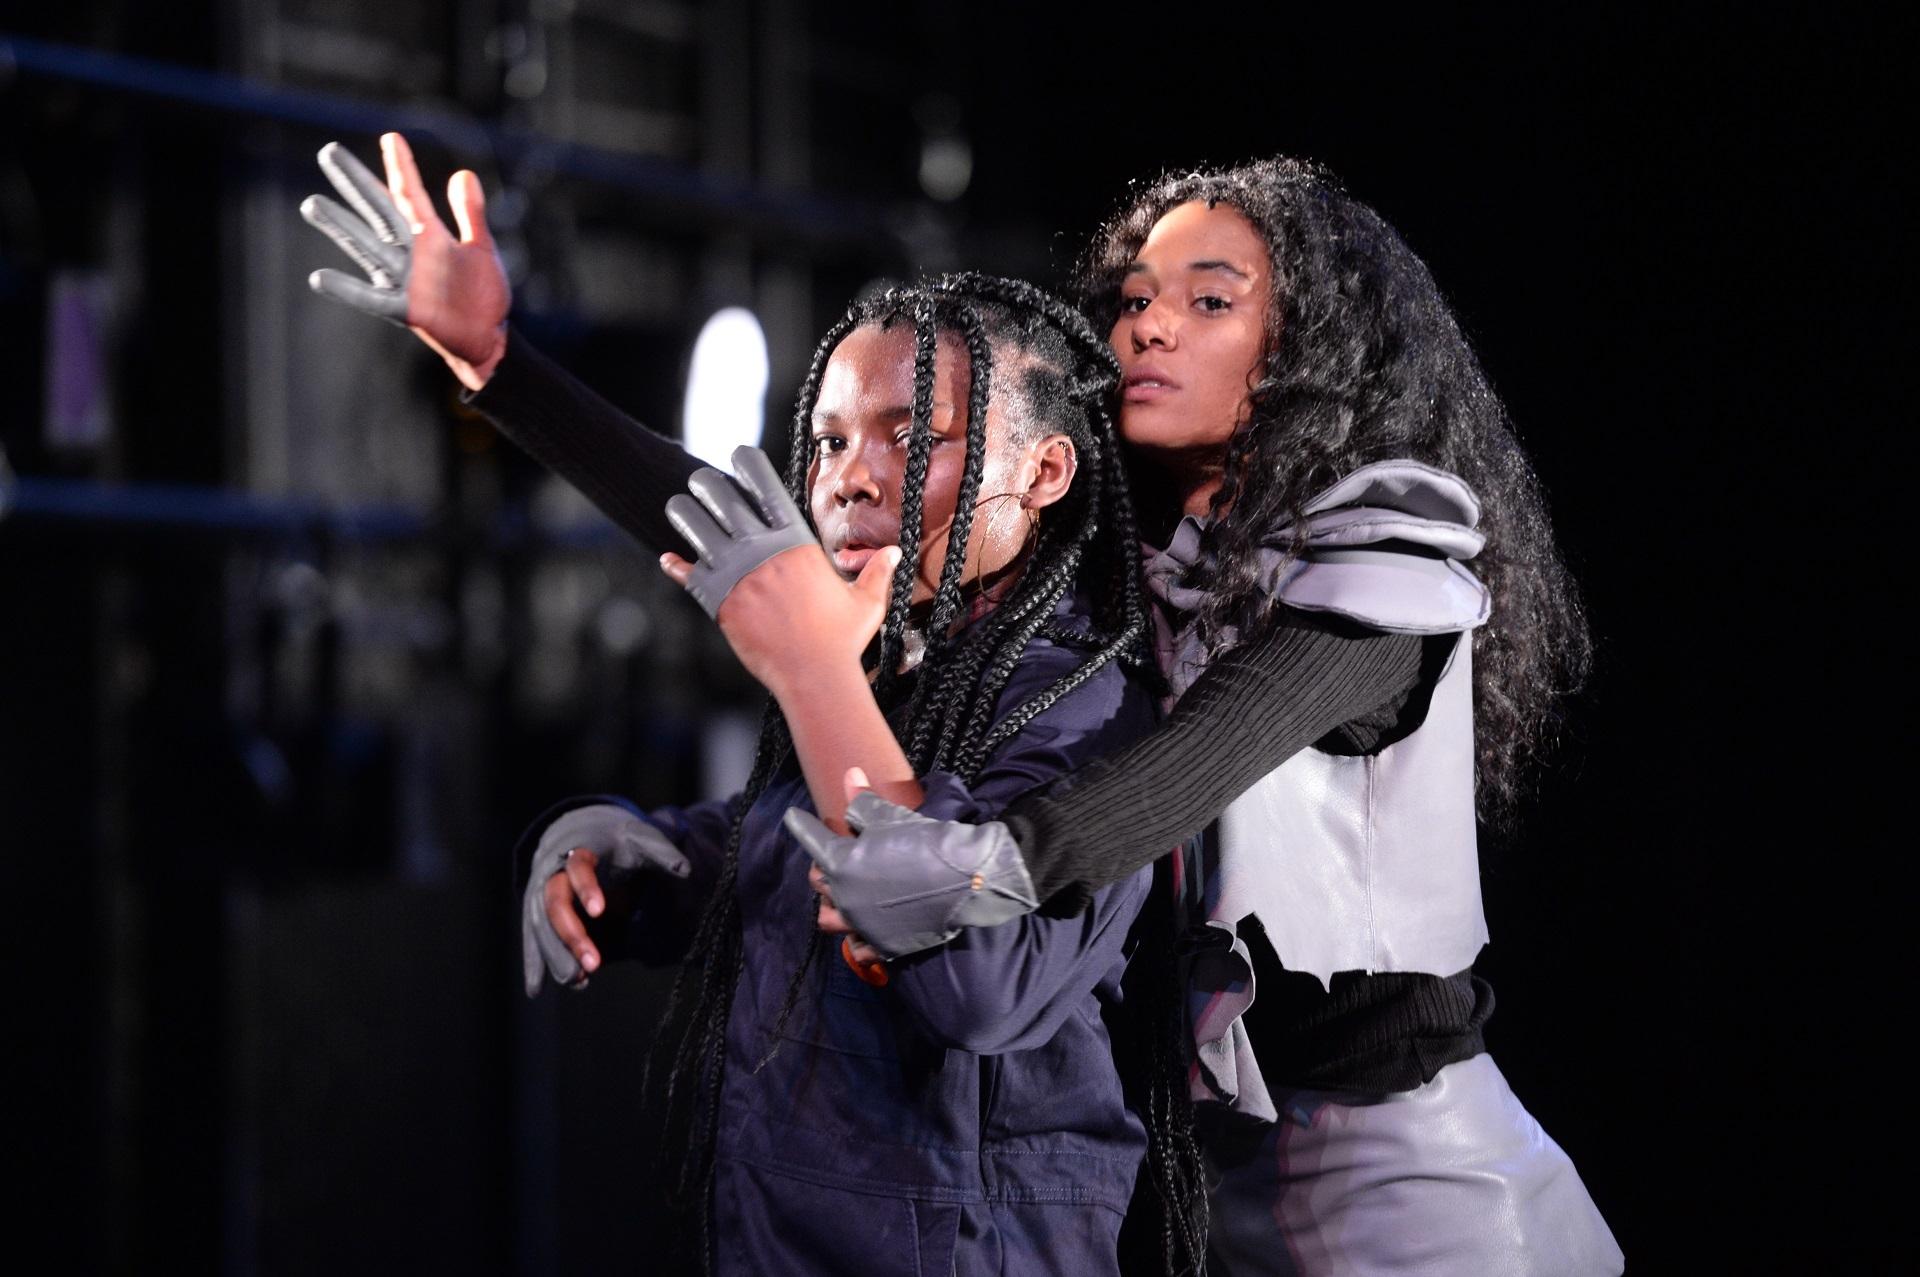 L'histoire d'un clash ou d'une battle, entre le rap, la danse et le théâtre, l'histoire d'une rencontre entre trois femmes.